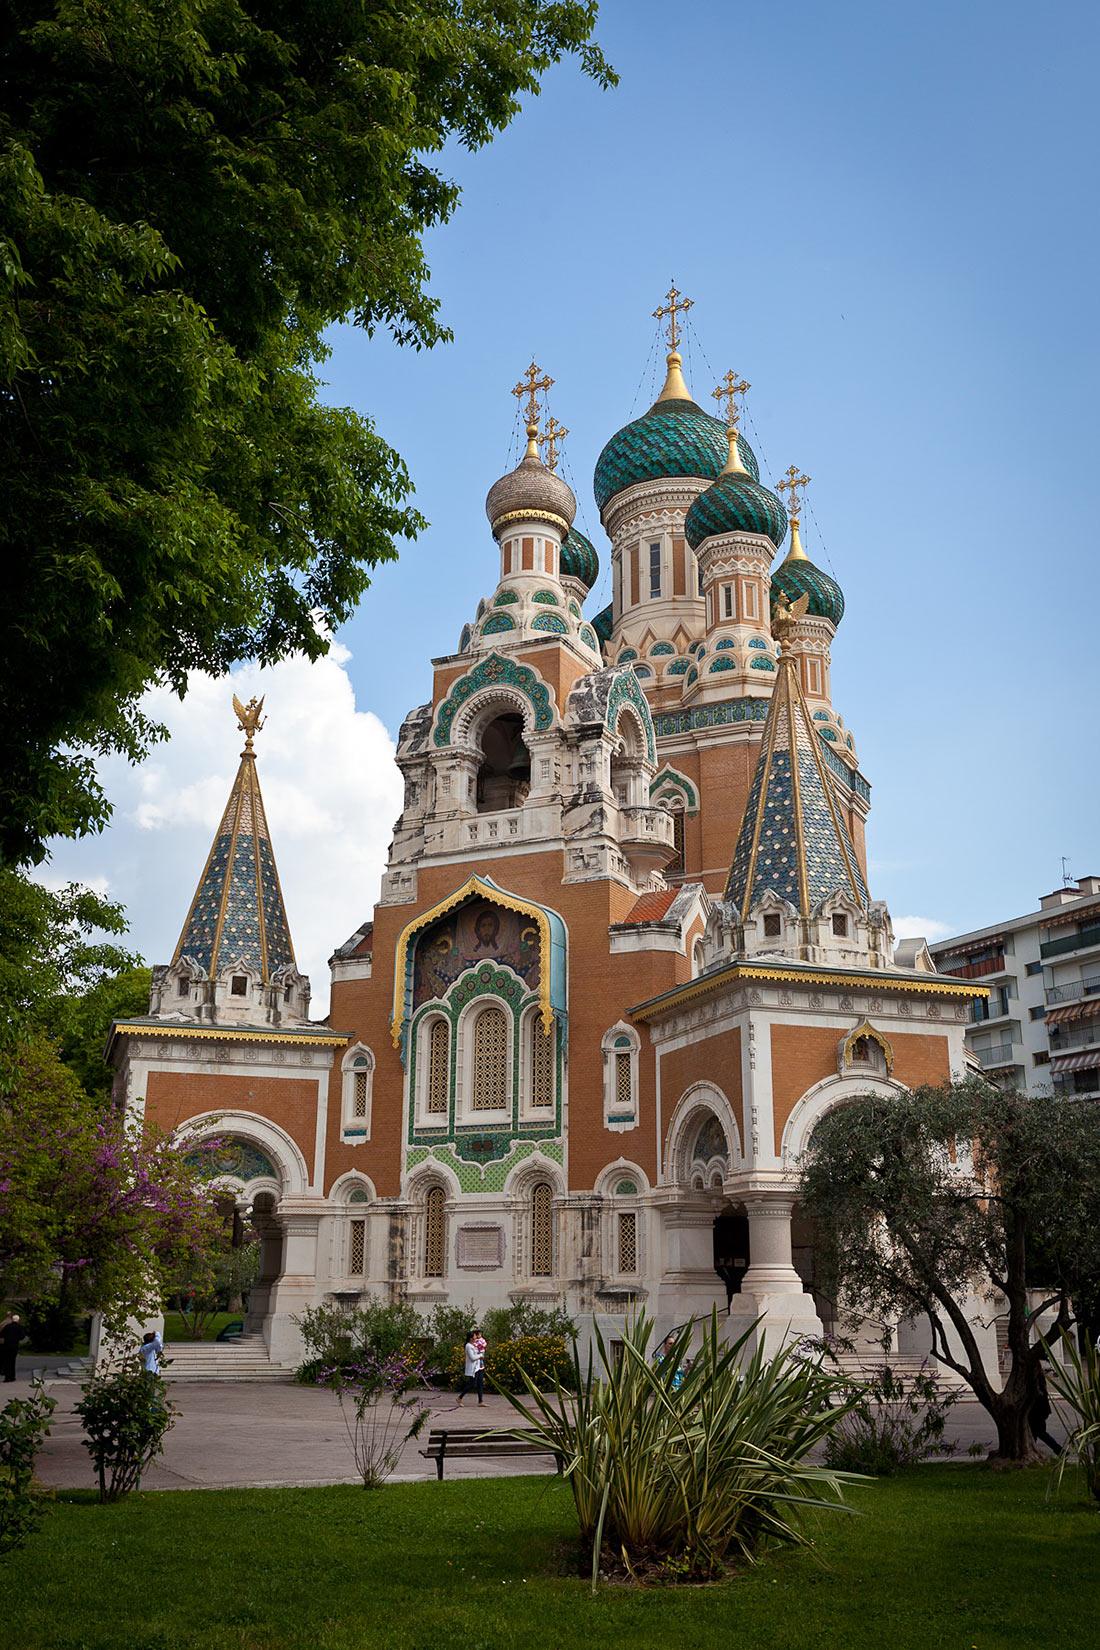 Православный собор Святого Николая в Ницце